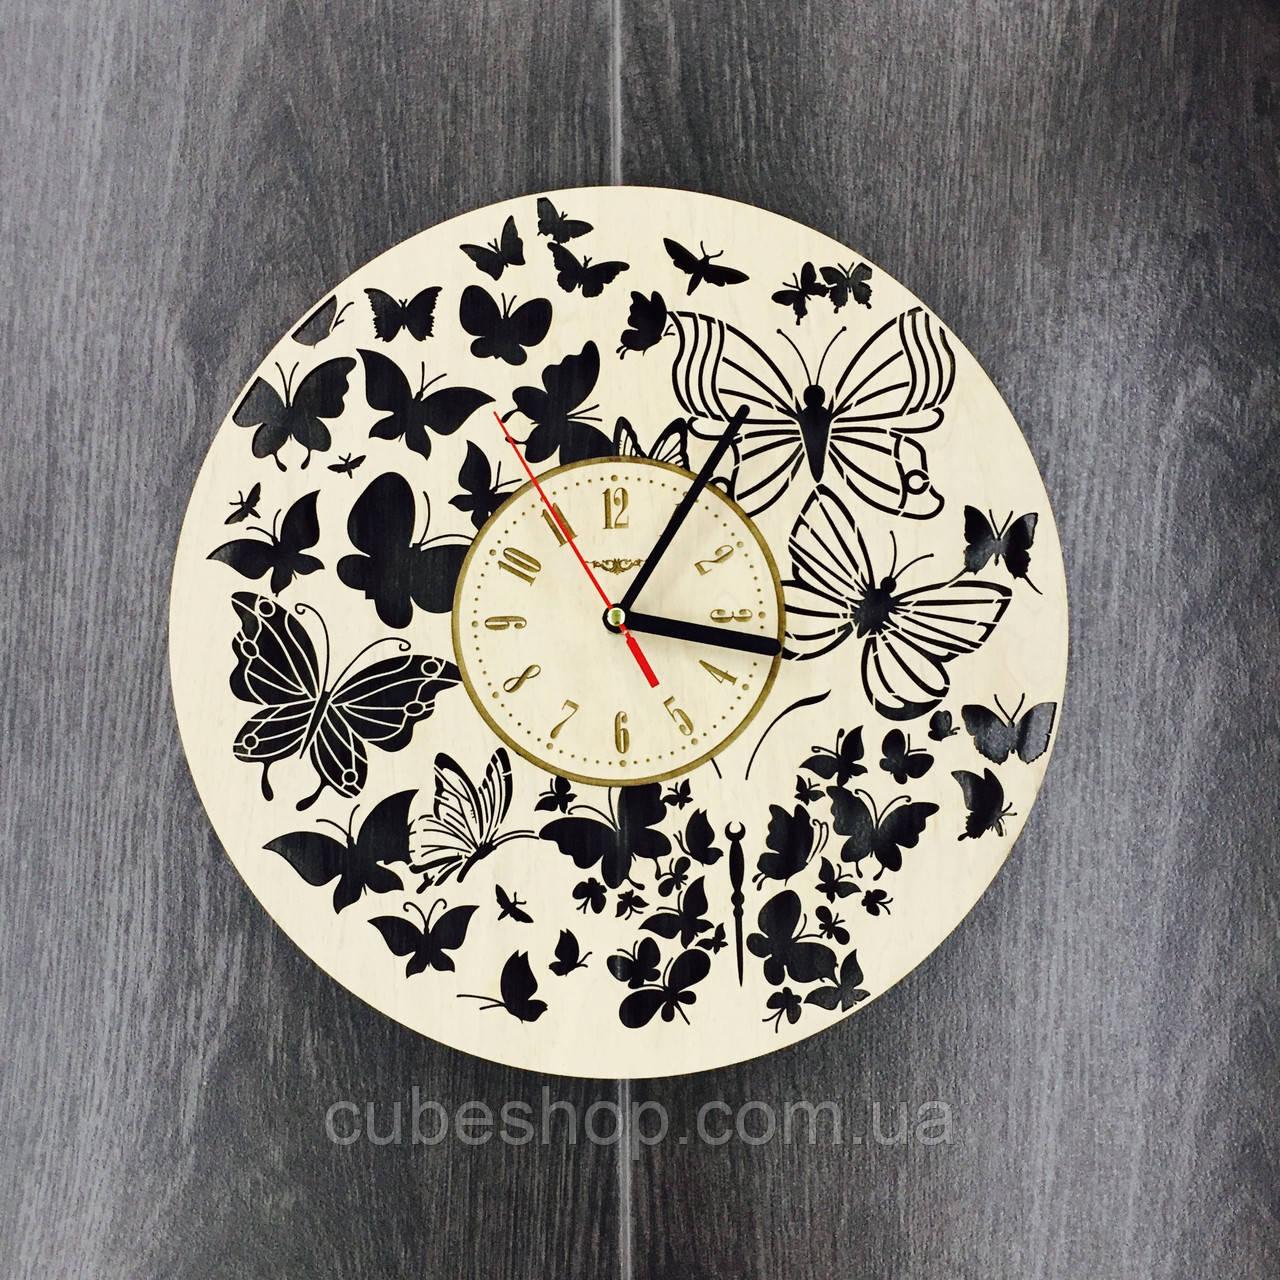 Часы настенные из дерева Полет бабочек